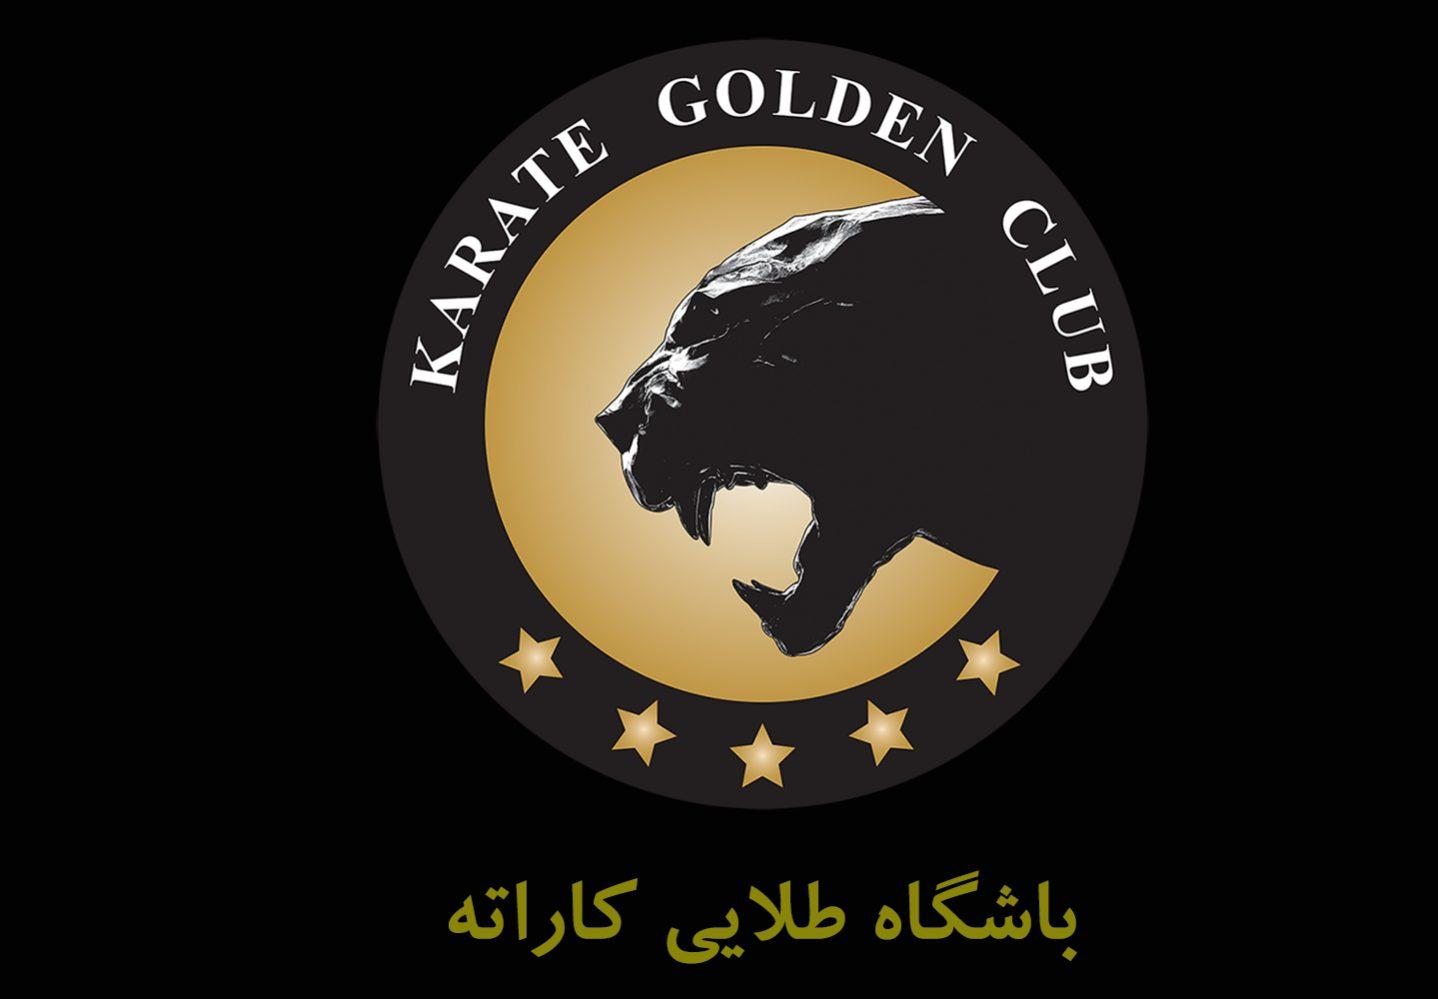 باشگاه طلایی کاراته